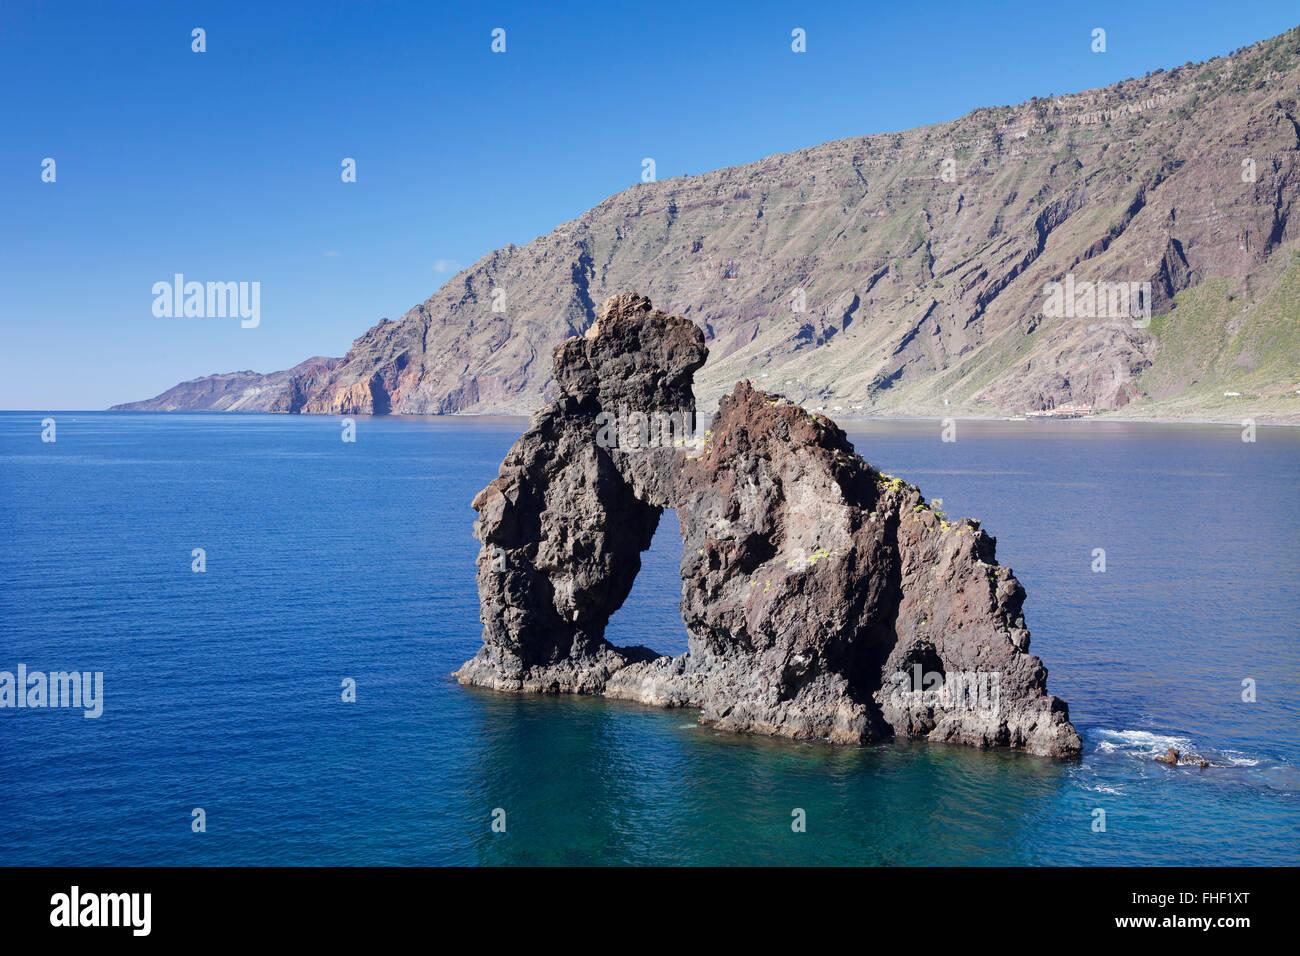 Las Playas Bay with the Roque de Bonanza rock arch, El Hierro, Canary Islands, Spain Stock Photo